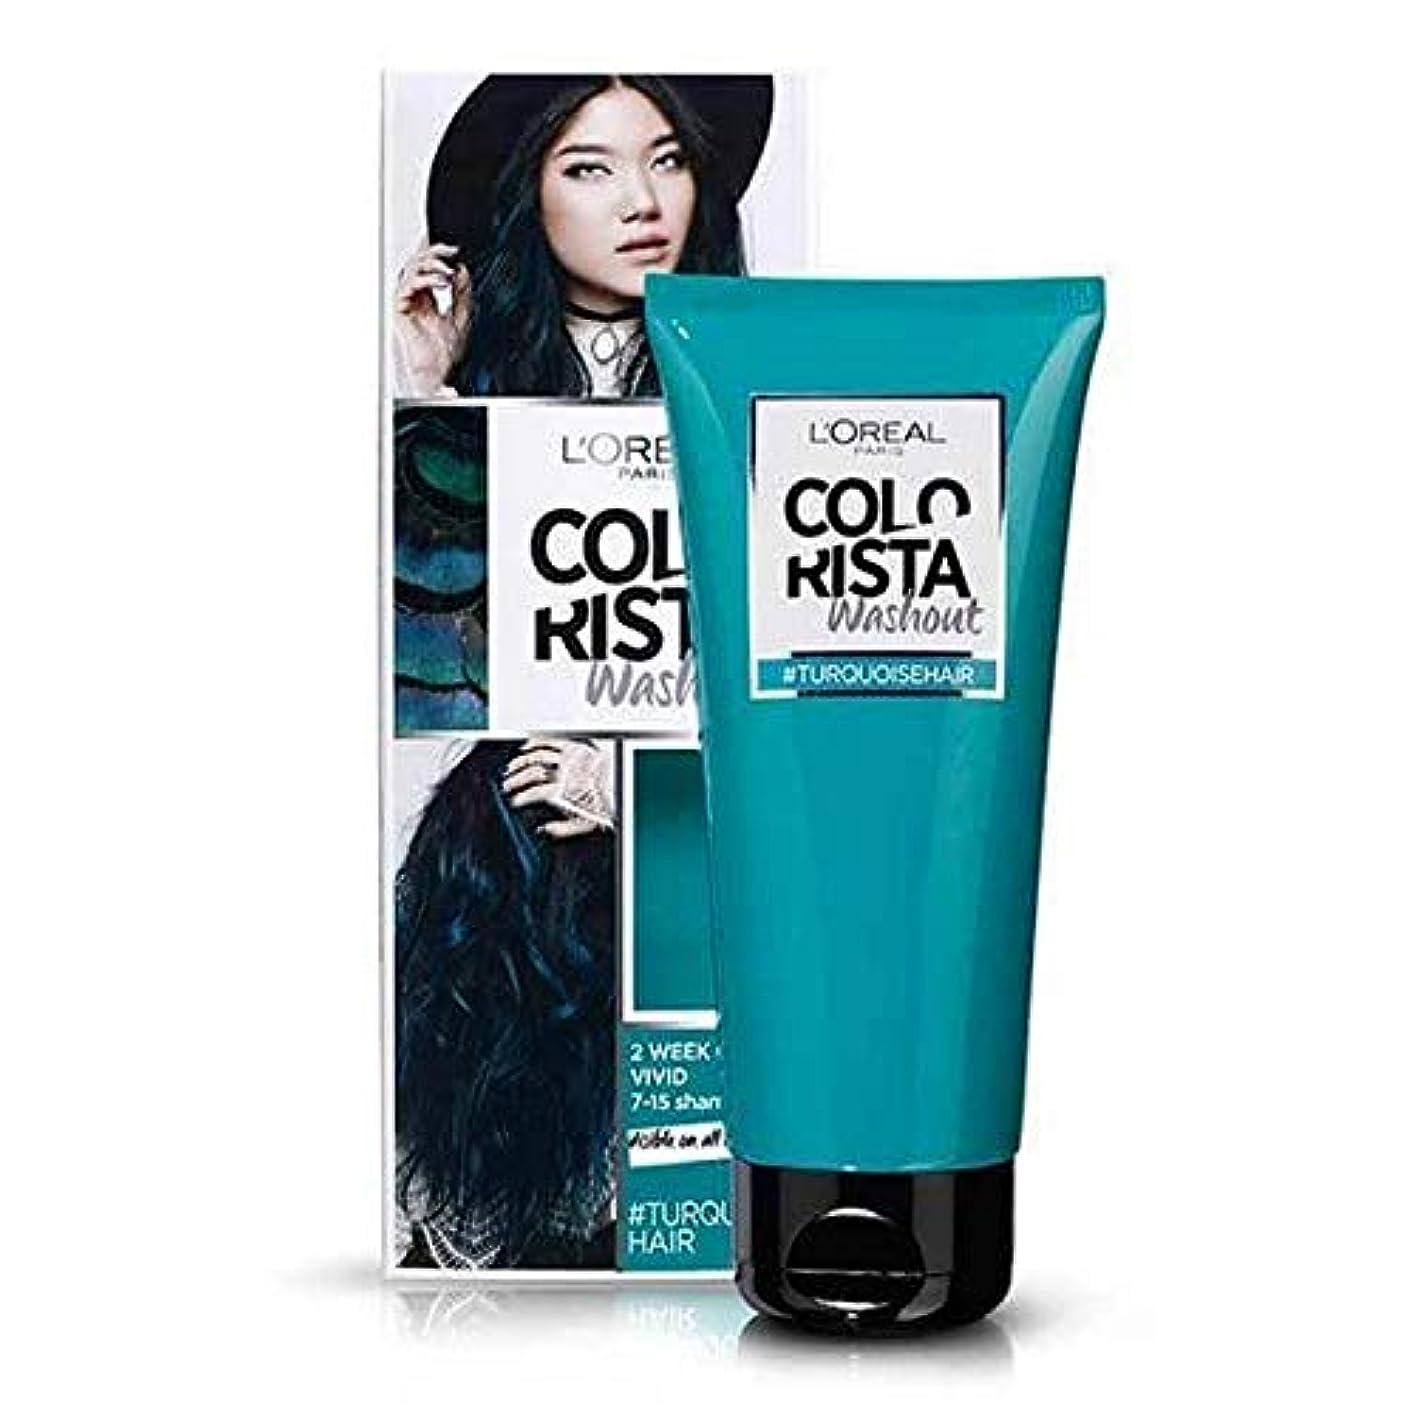 鳴り響くバレーボールトレイル[Colorista] Colorista洗い出しターコイズ半永久染毛剤 - Colorista Washout Turquoise Semi-Permanent Hair Dye [並行輸入品]